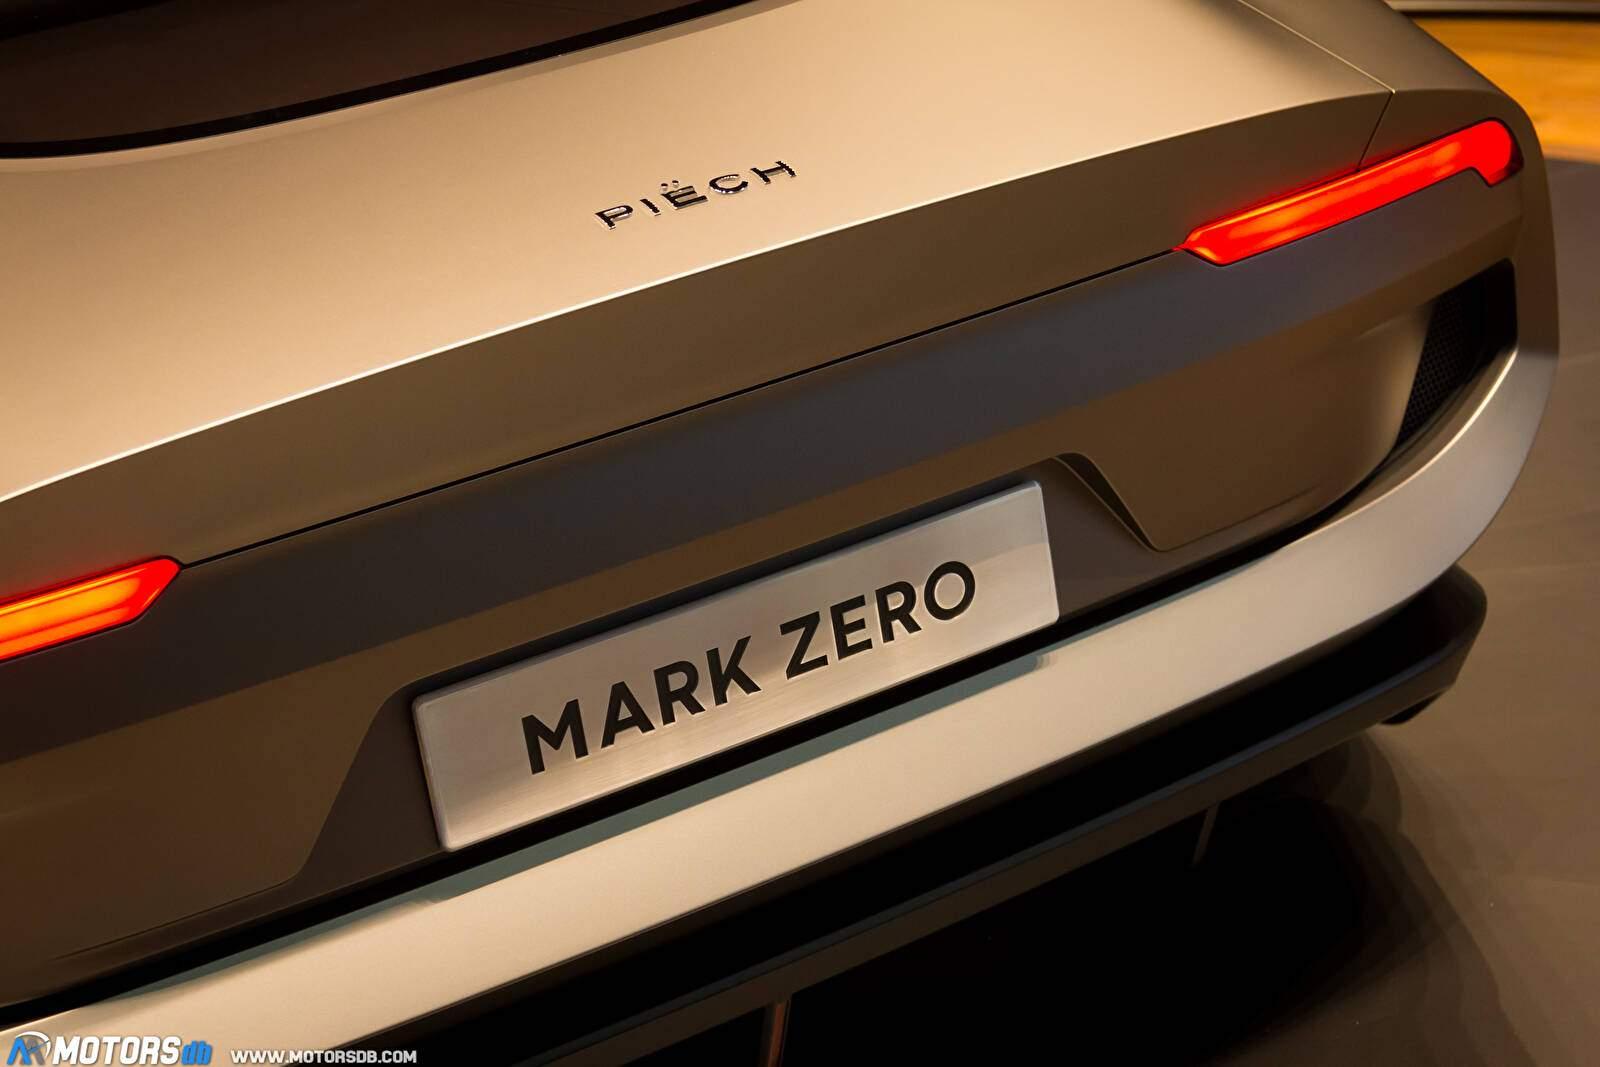 Piëch Mark Zero (2019),  ajouté par Raptor